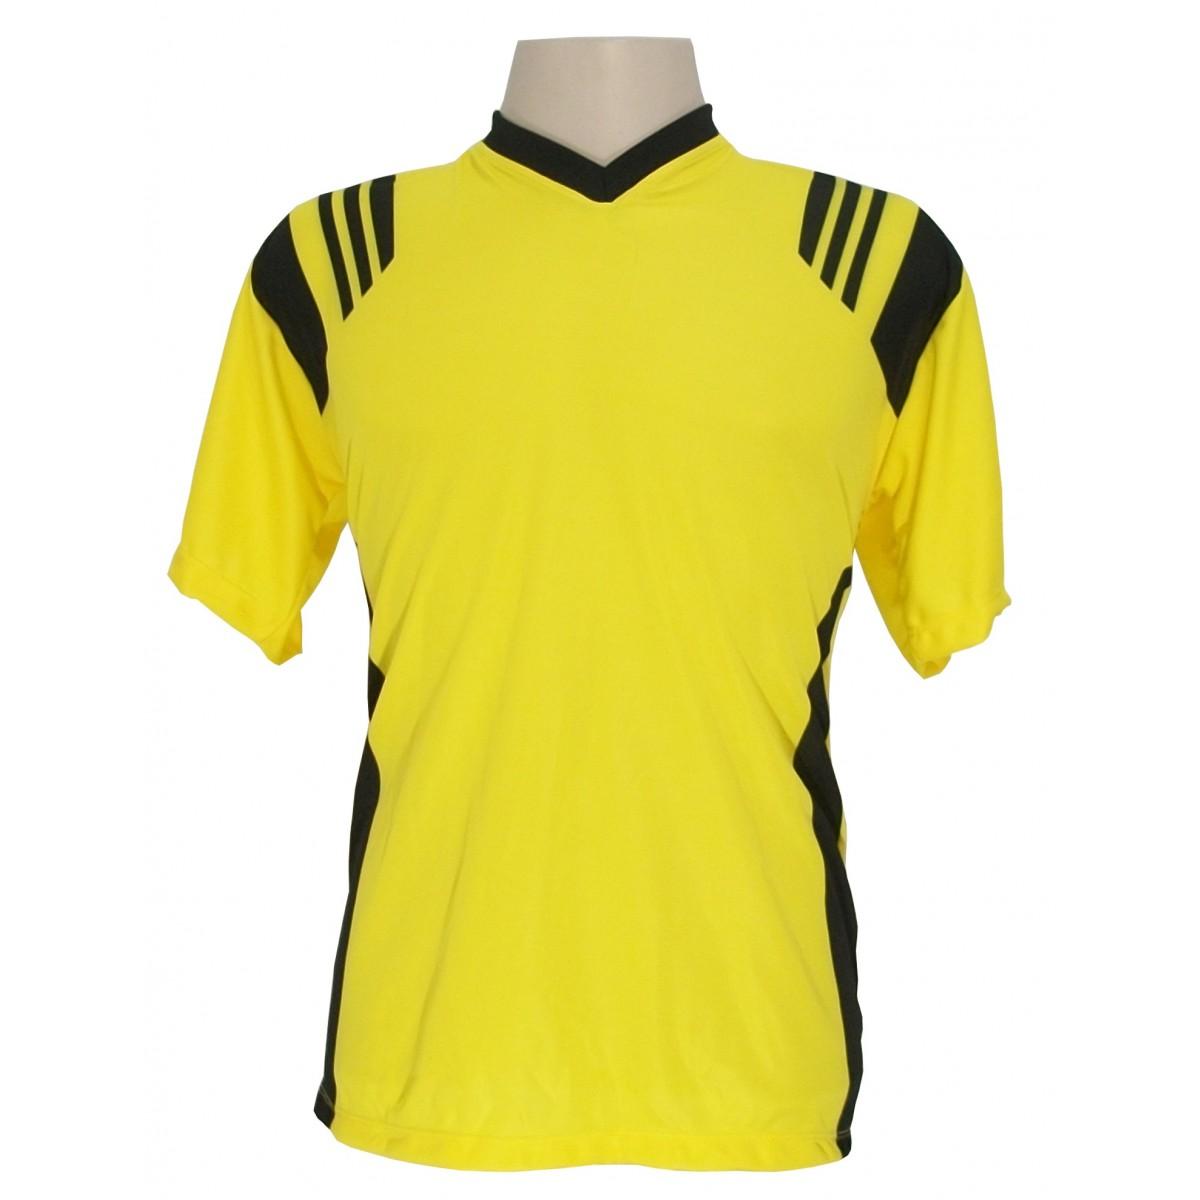 Jogo de Camisa modelo Roma com 18 pe�as Amarelo/Preto - Frete Gr�tis Brasil + Brindes